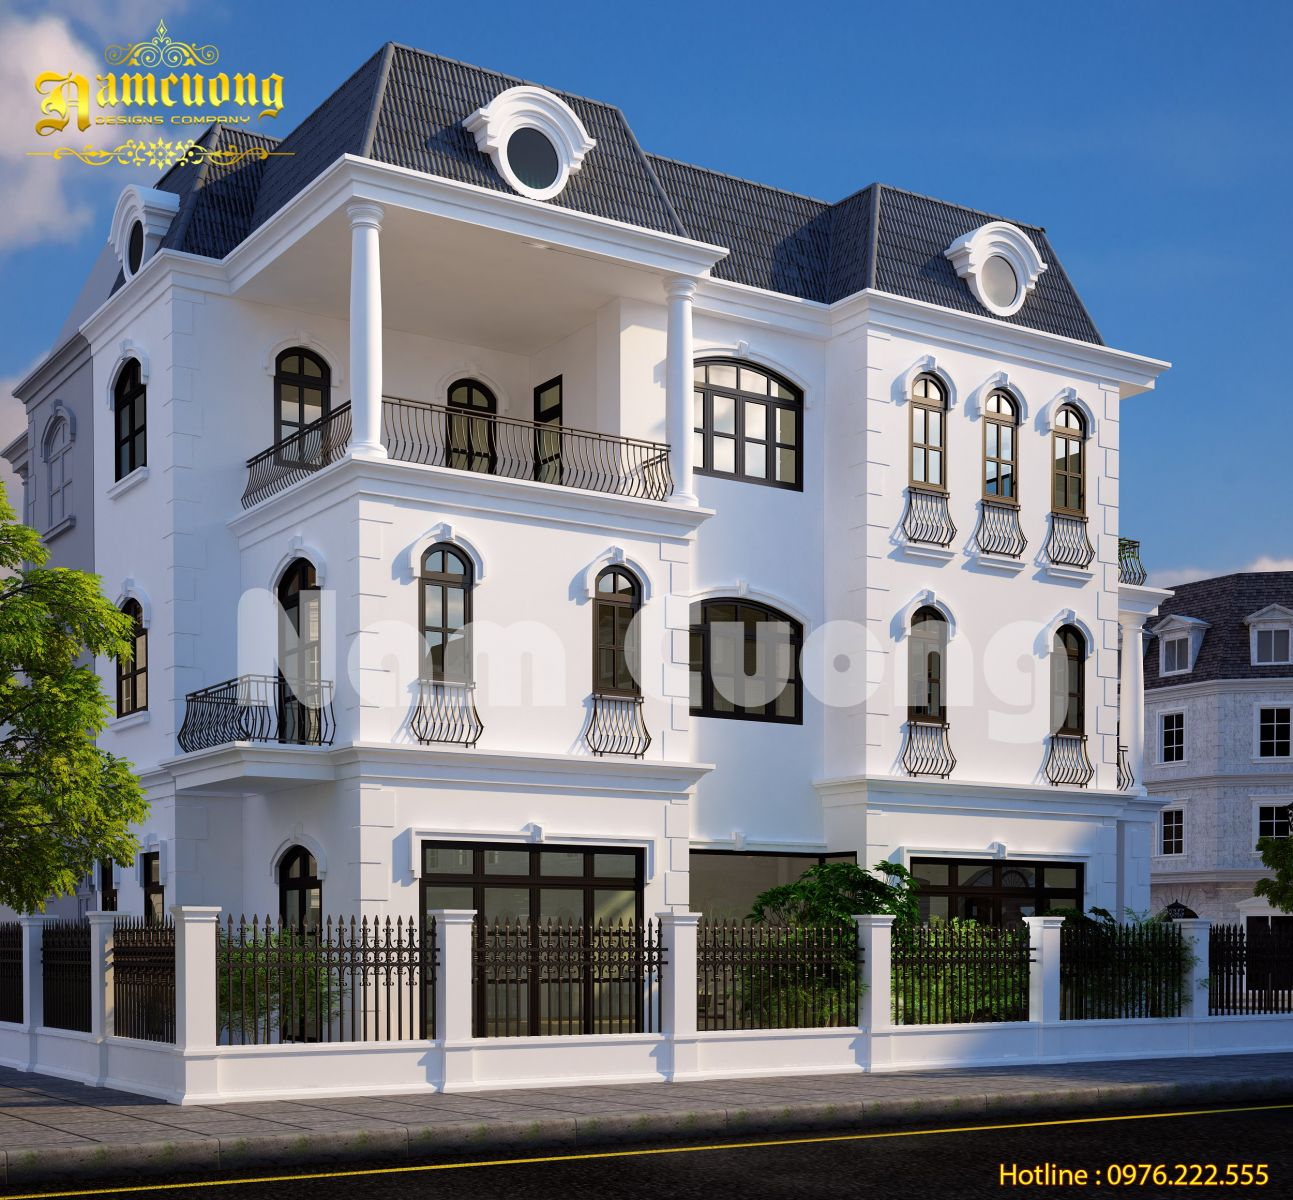 Hoàn thành mẫu thiết kế biệt thự tân cổ điển tại Vinhomes - BTTCD 026